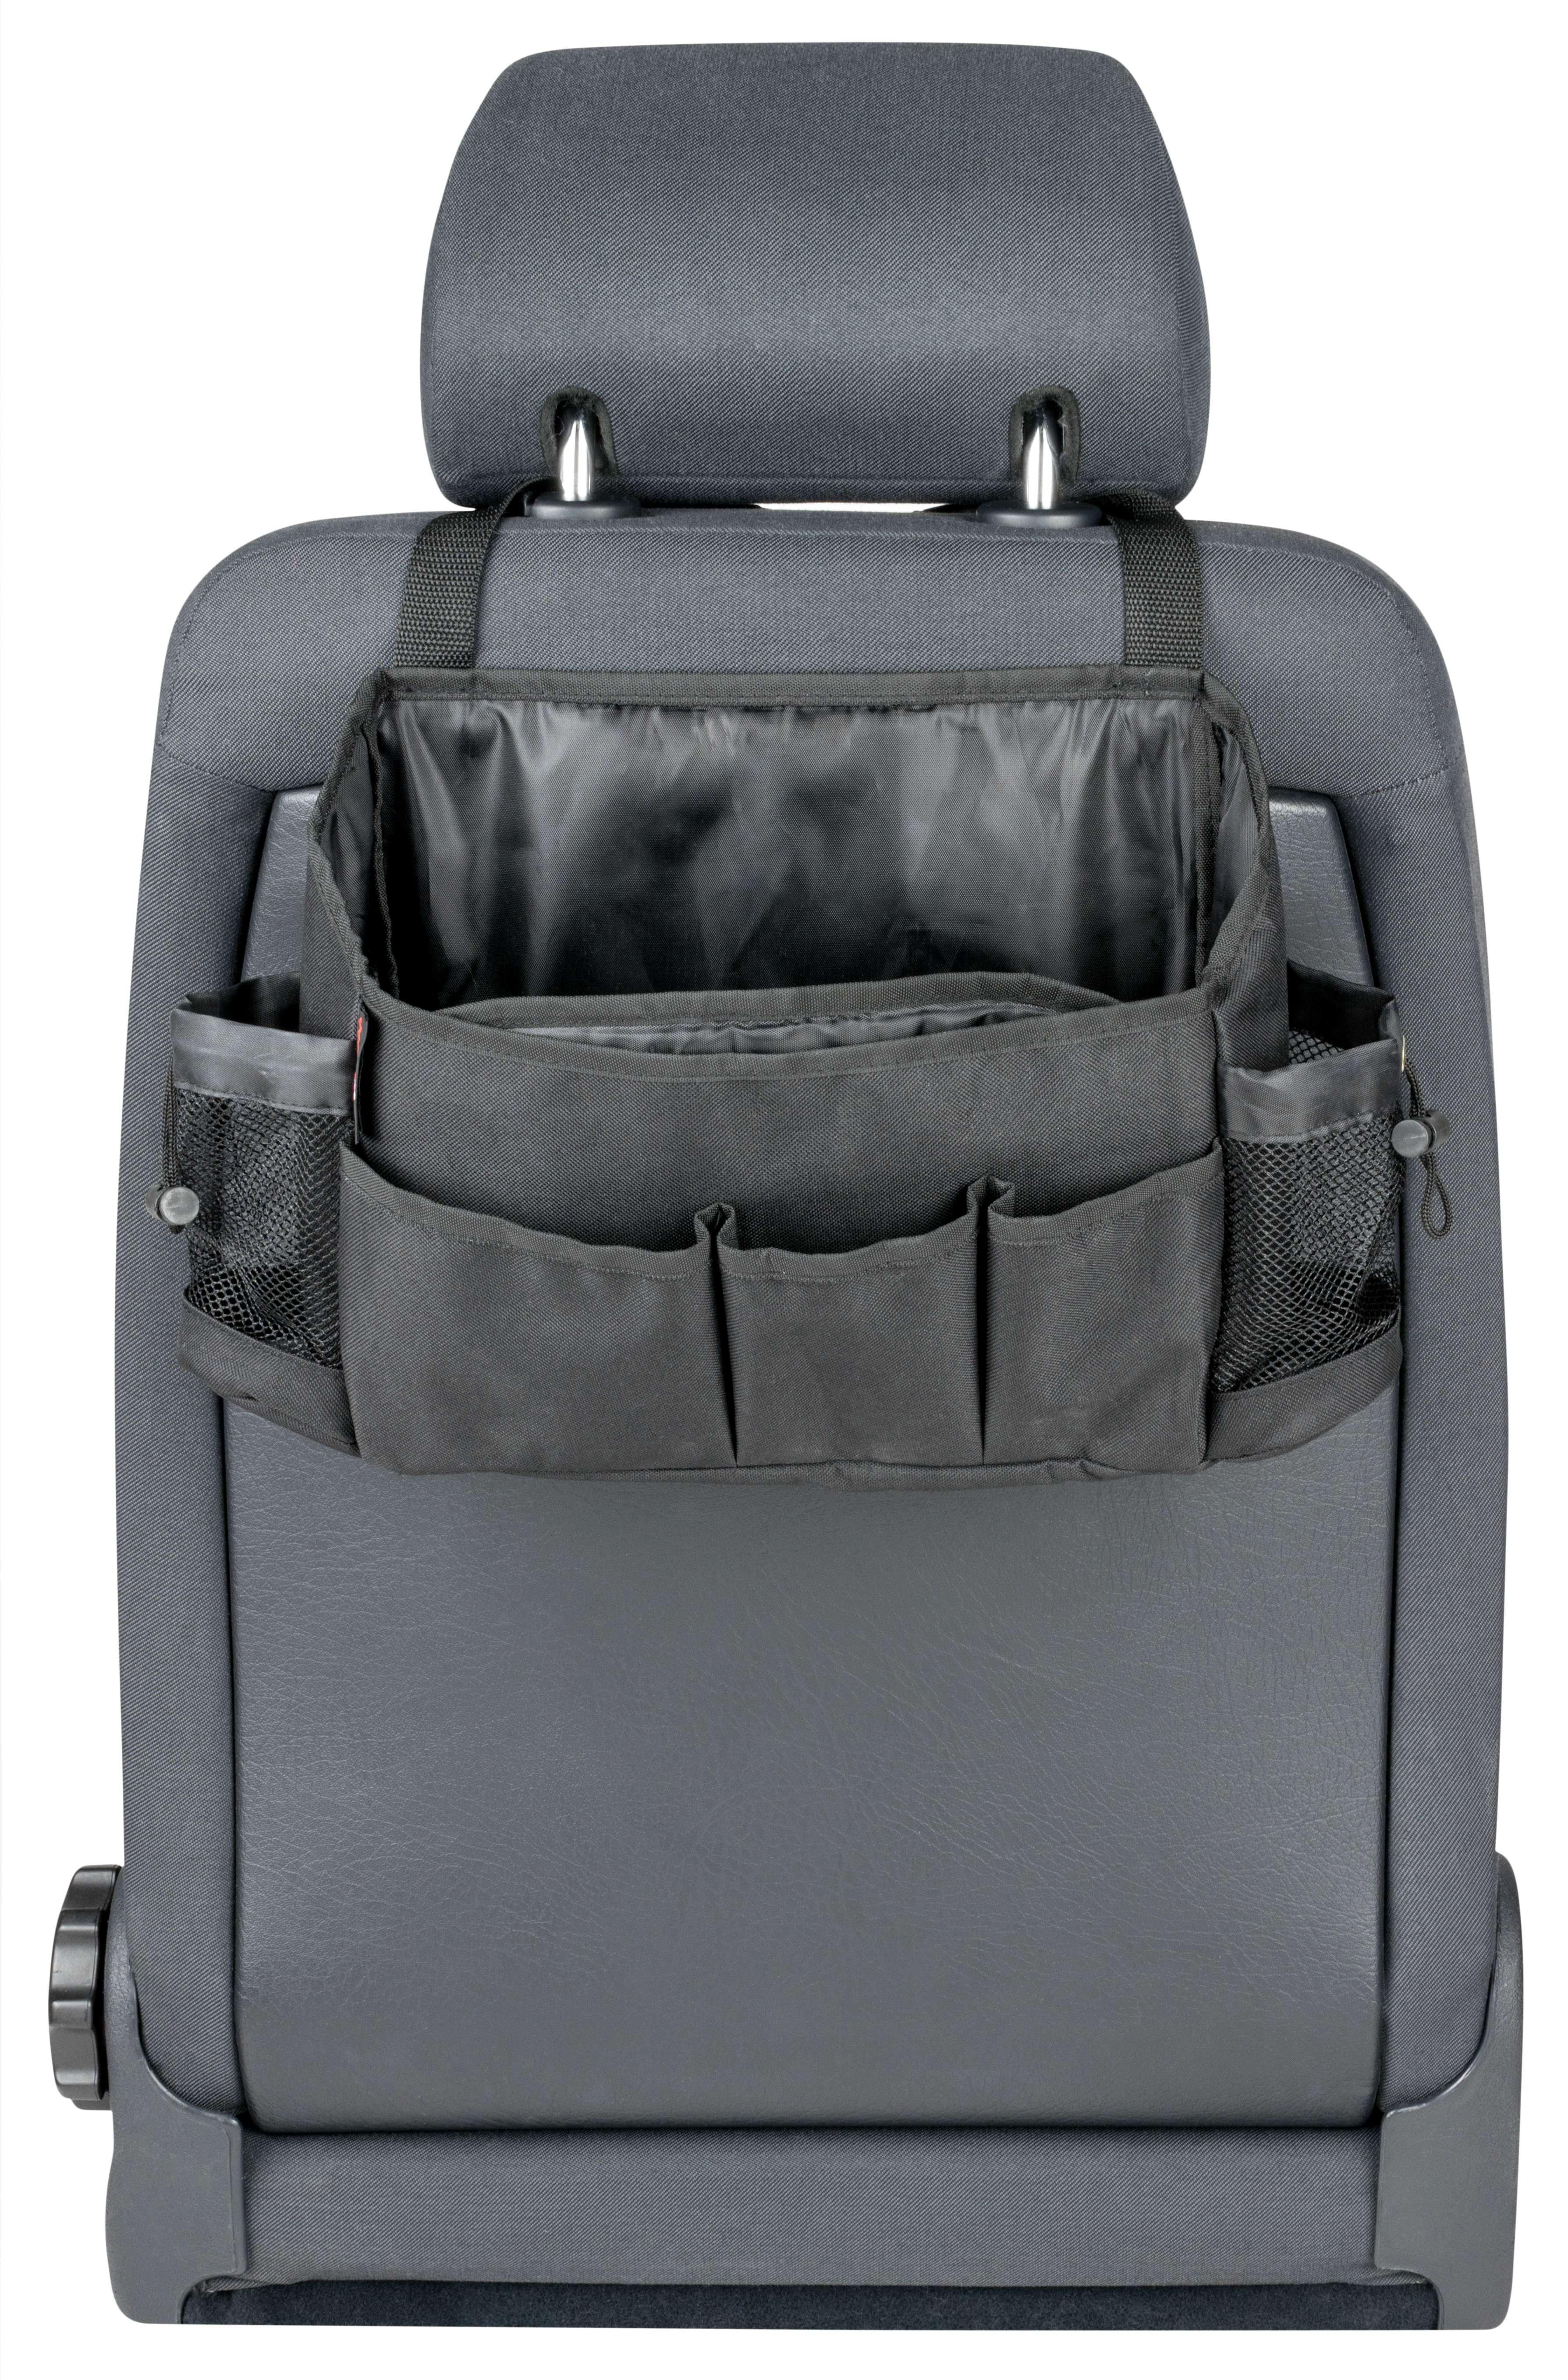 Rücksitz-Organizer 24007 WALSER 24007 in Original Qualität